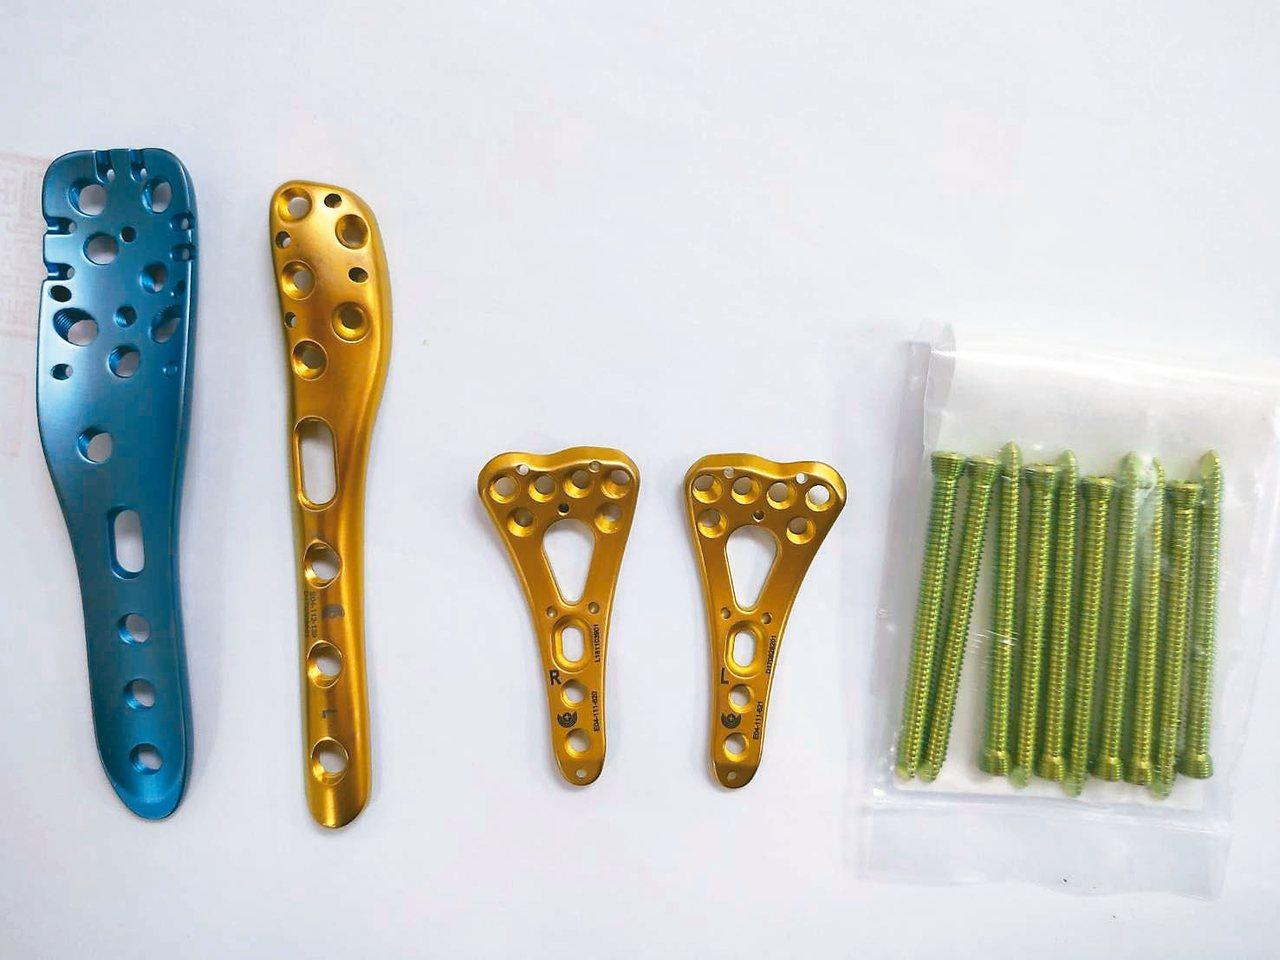 「喜維克骨釘骨板系統」的生產業者,非法販售數量高達七萬四千八百六十五支。 圖/食...